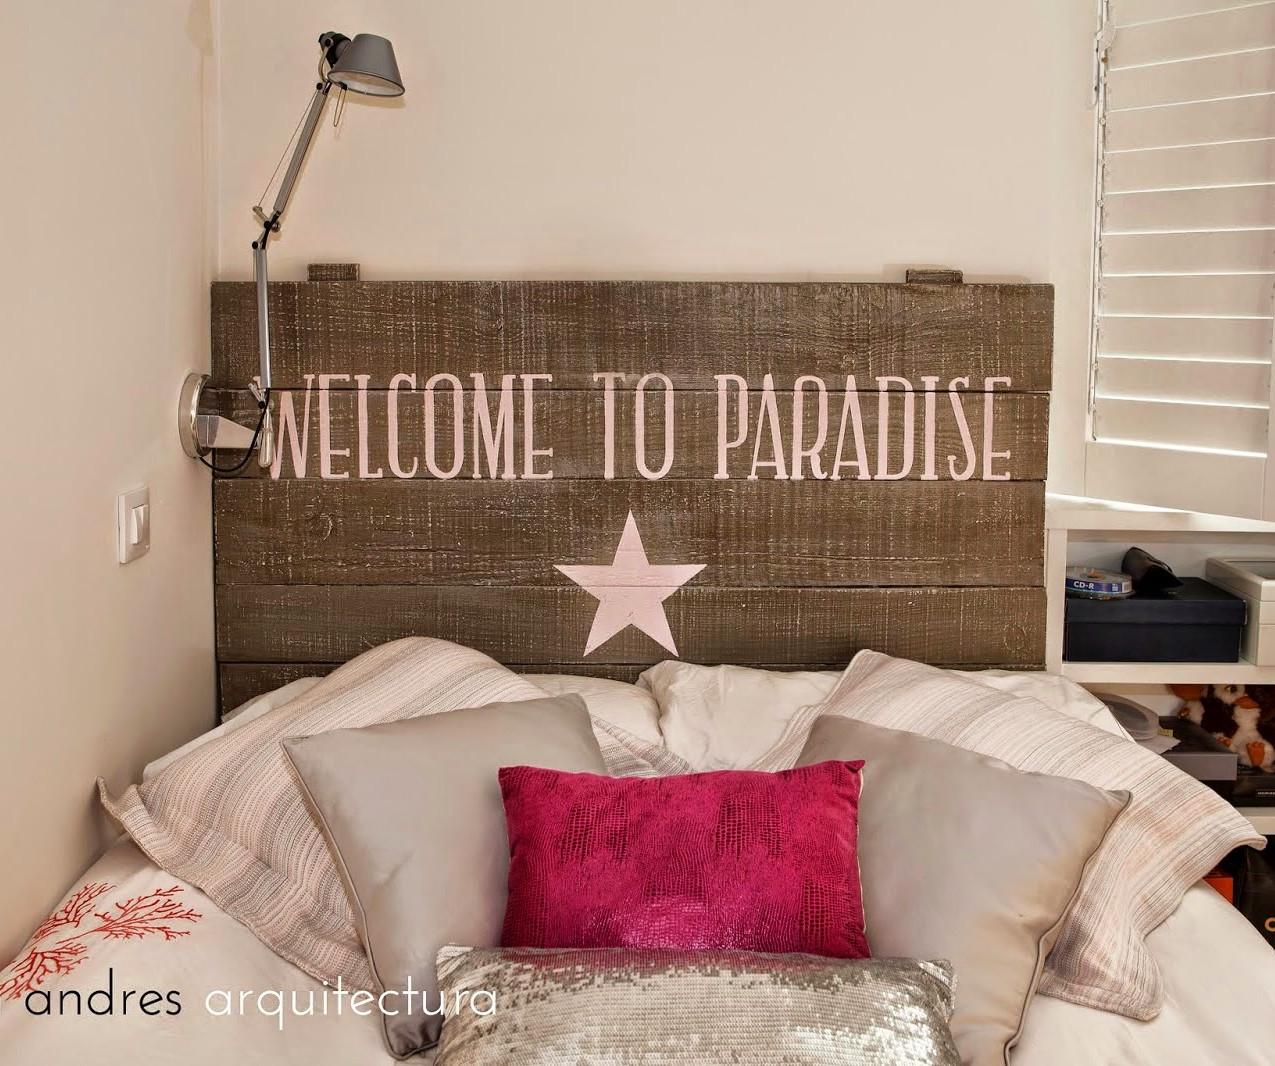 cabecero rue vintage lampara tolomeo cojin rosa estrella paradise 30 metros blanco vint